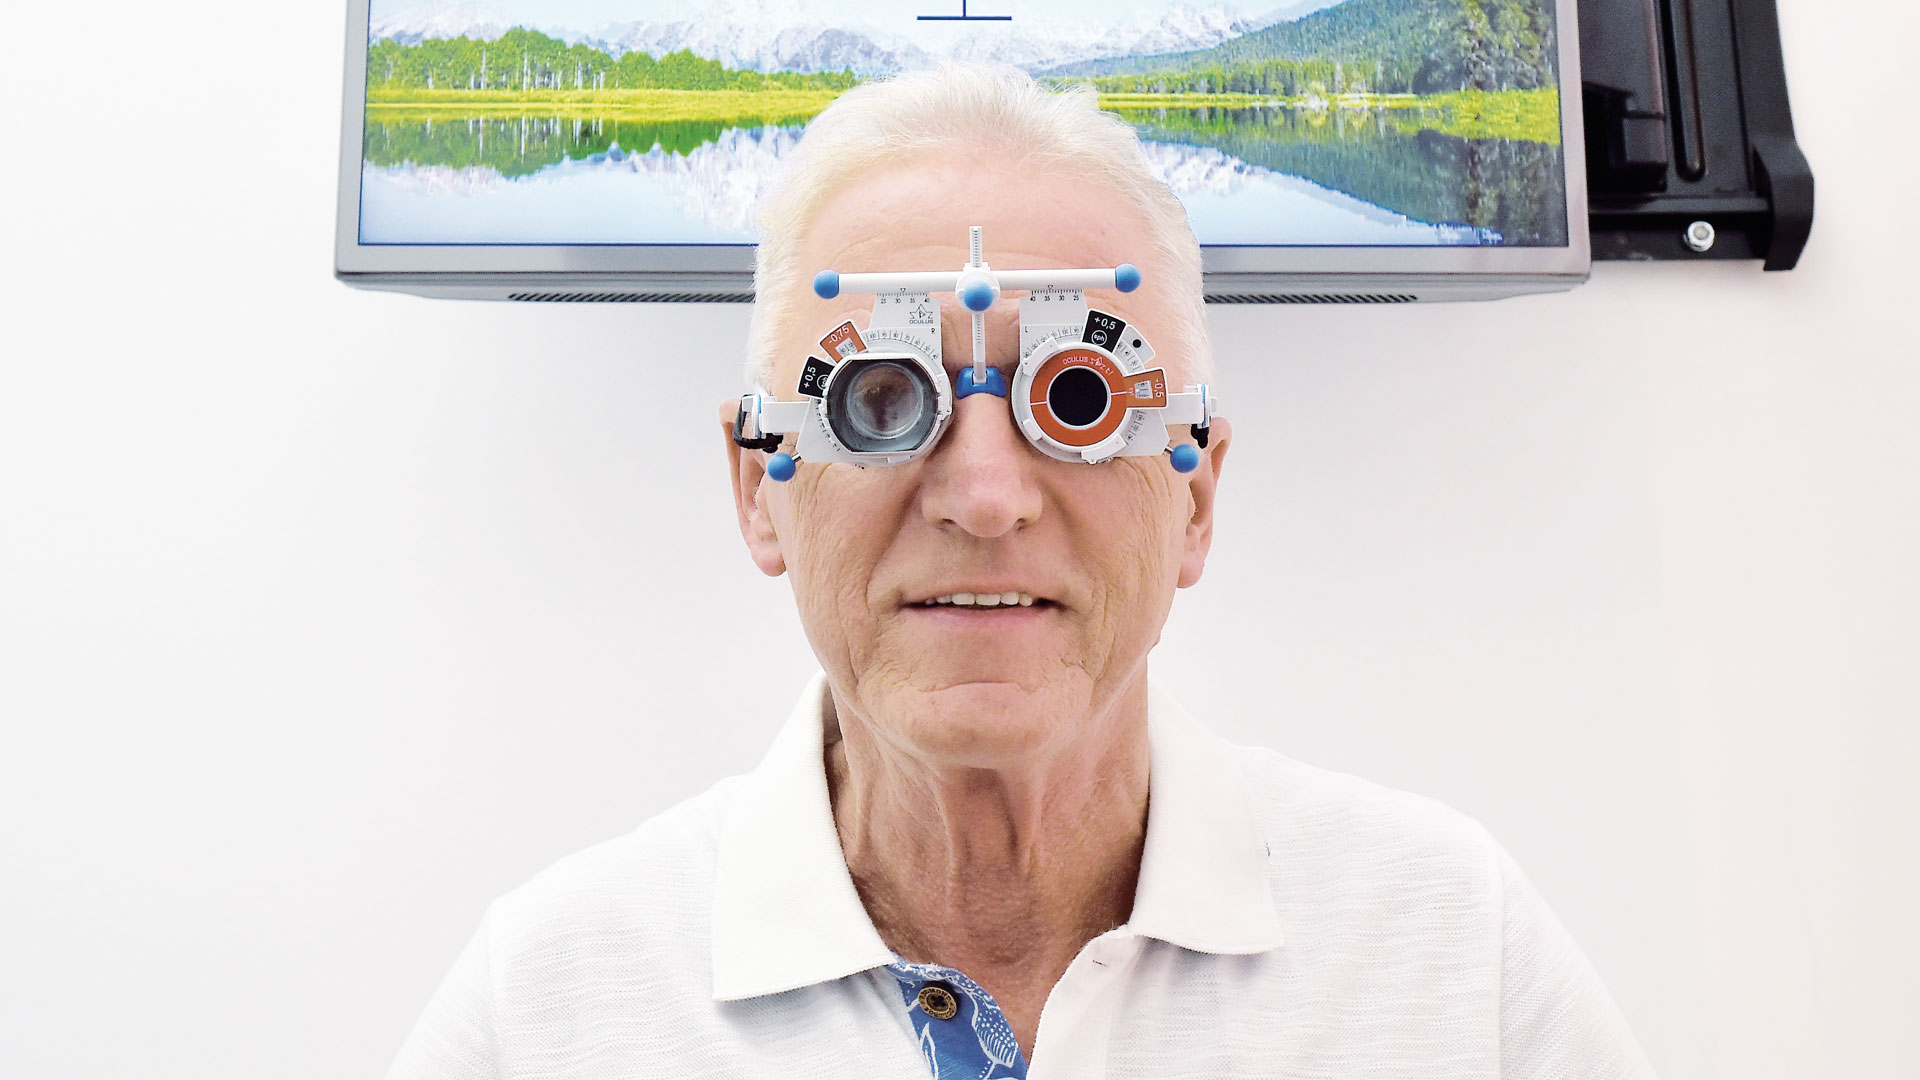 Optik Aichinger